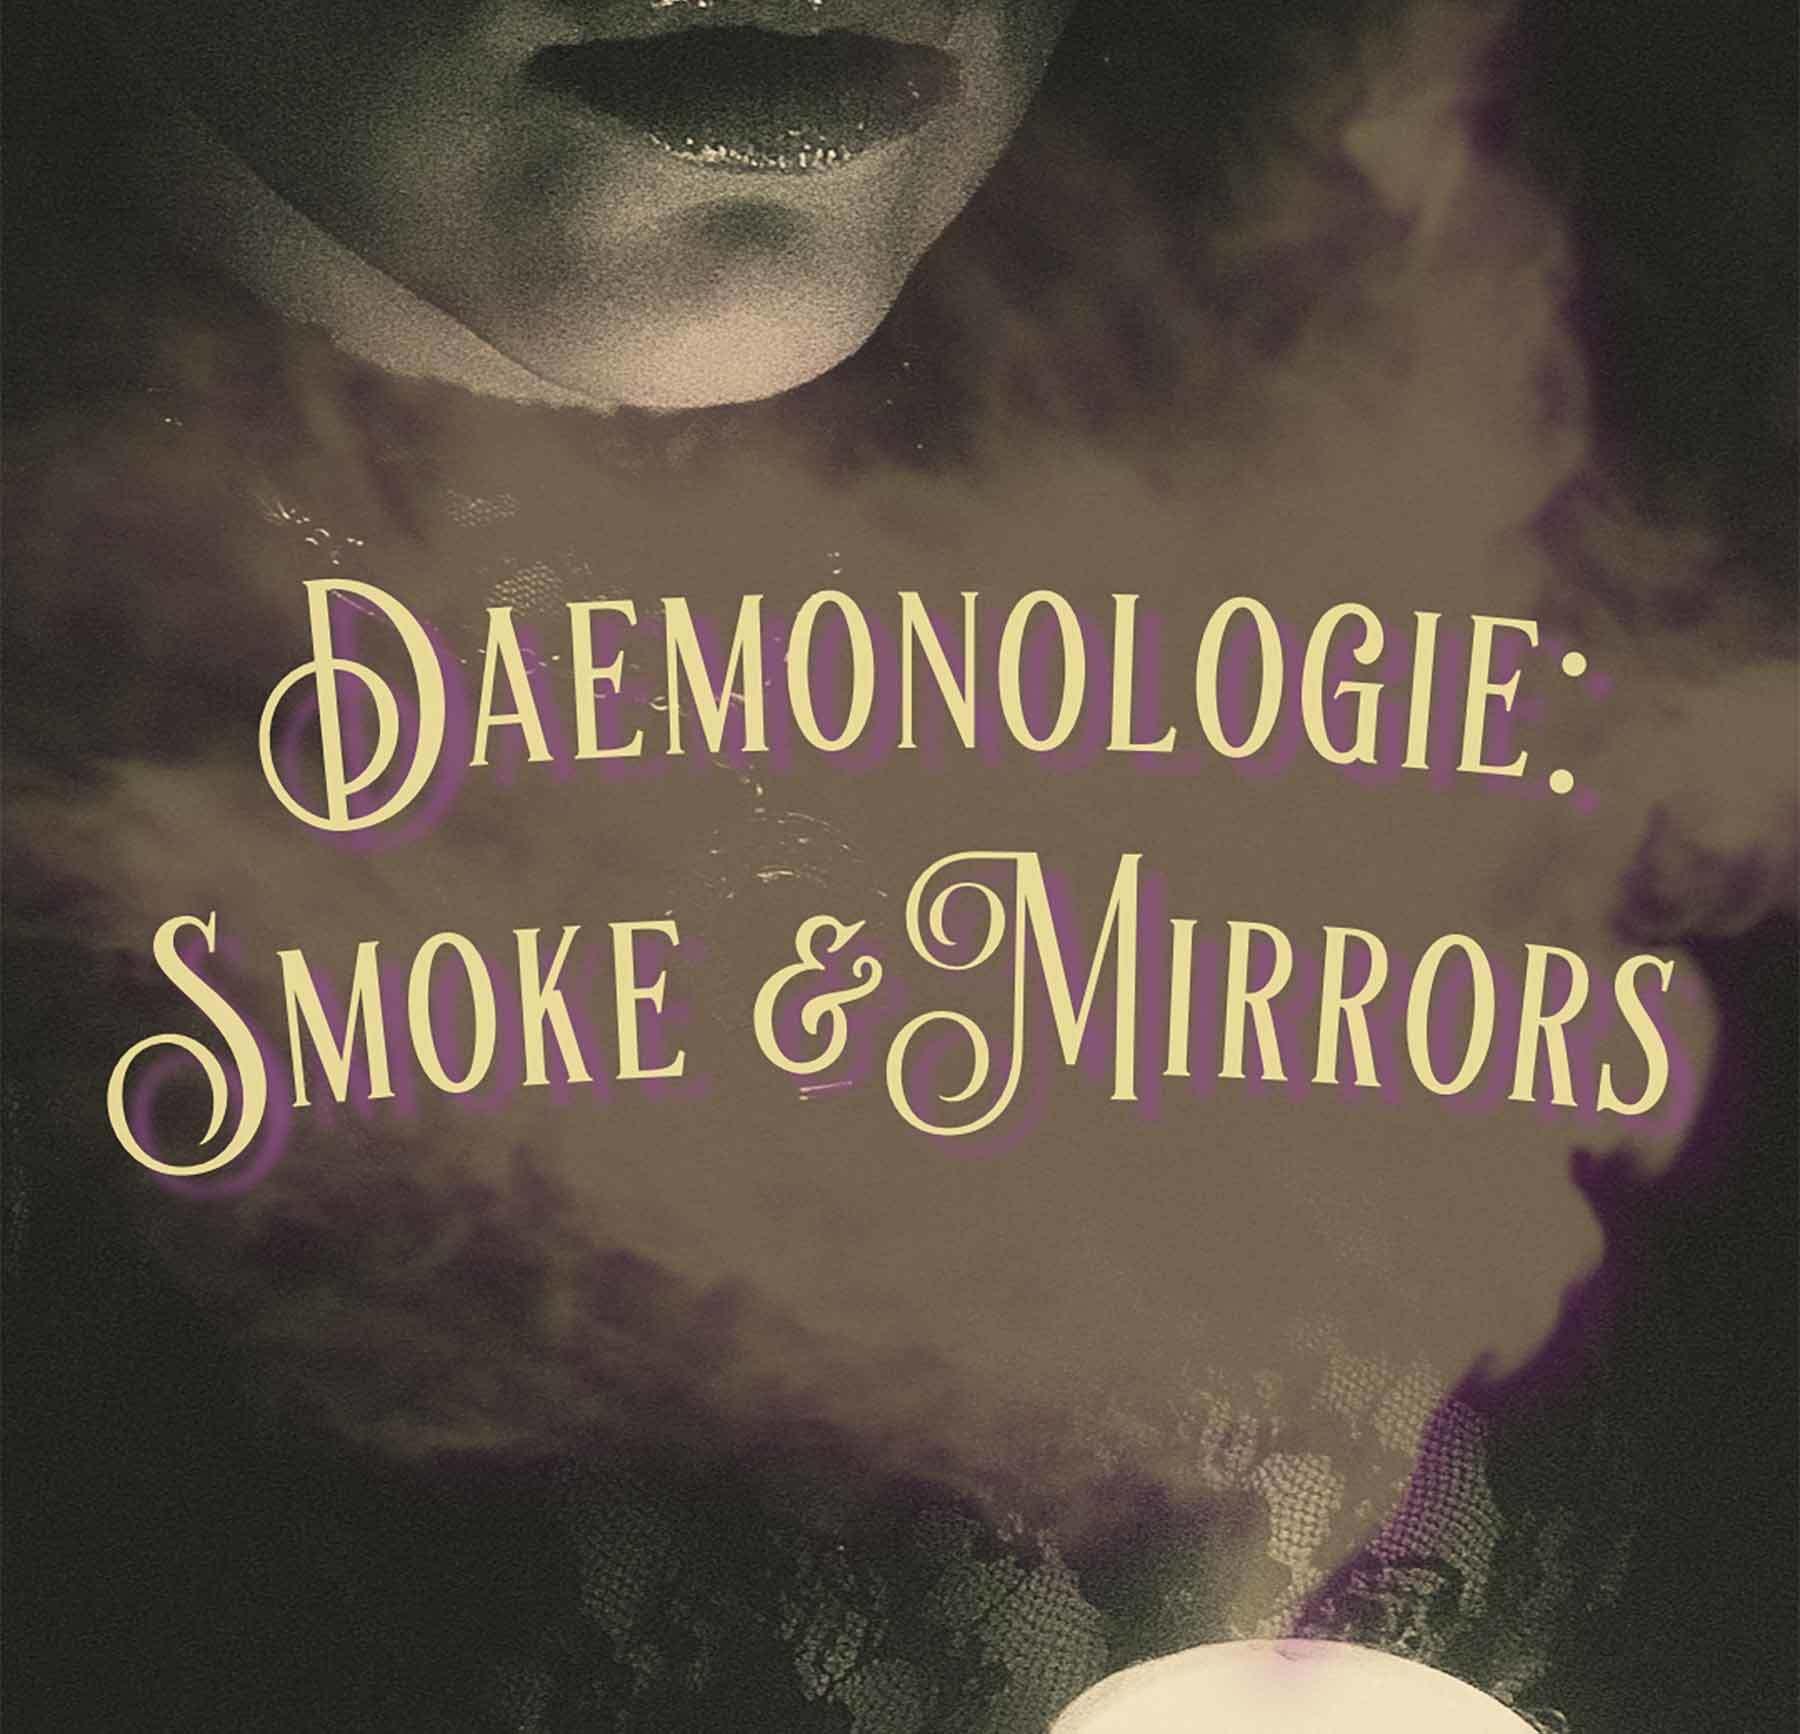 Daemonologie: Smoke & Mirrors